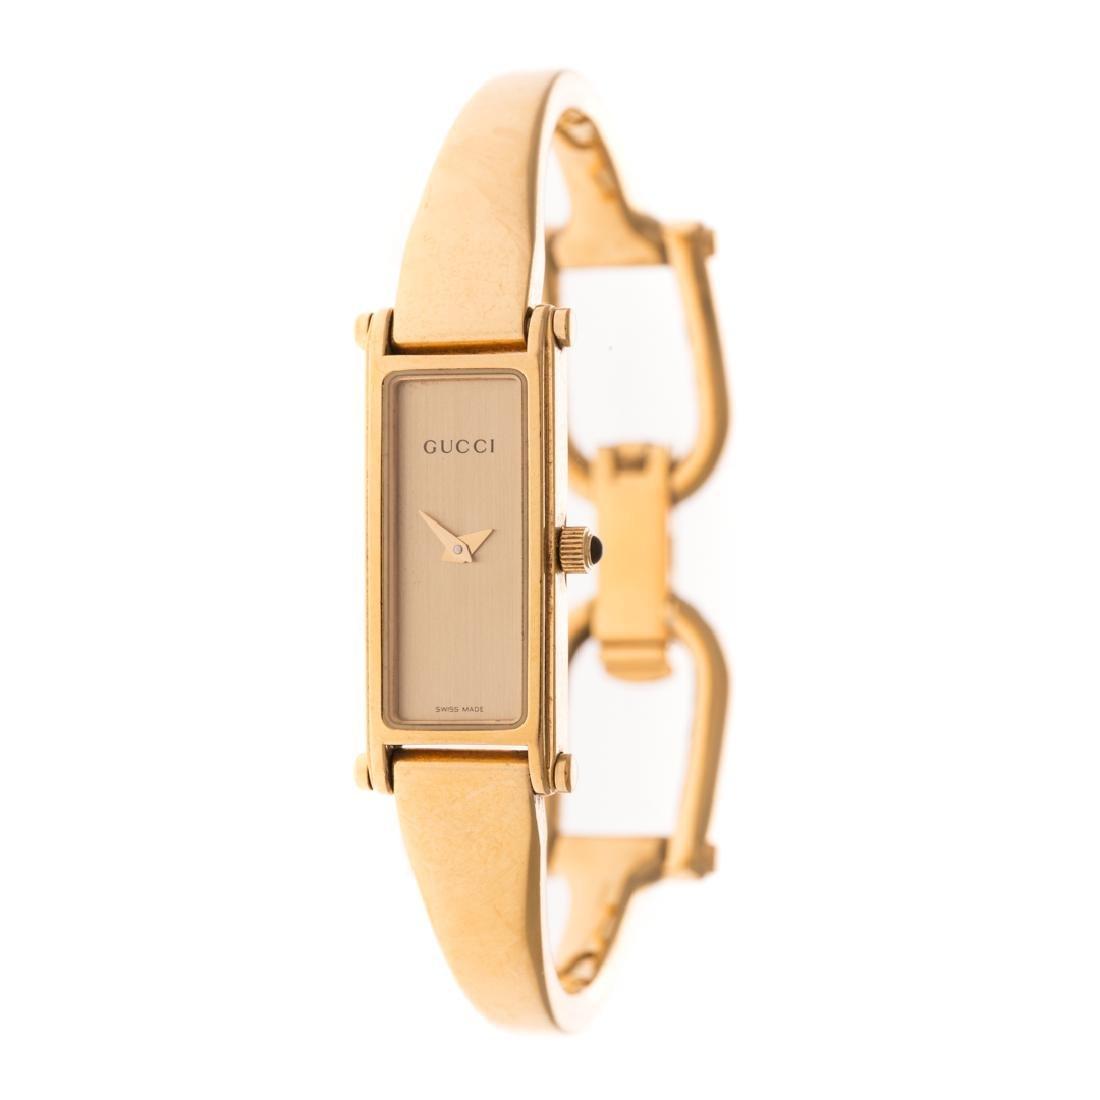 A Lady's Gucci Gold Bracelet Watch